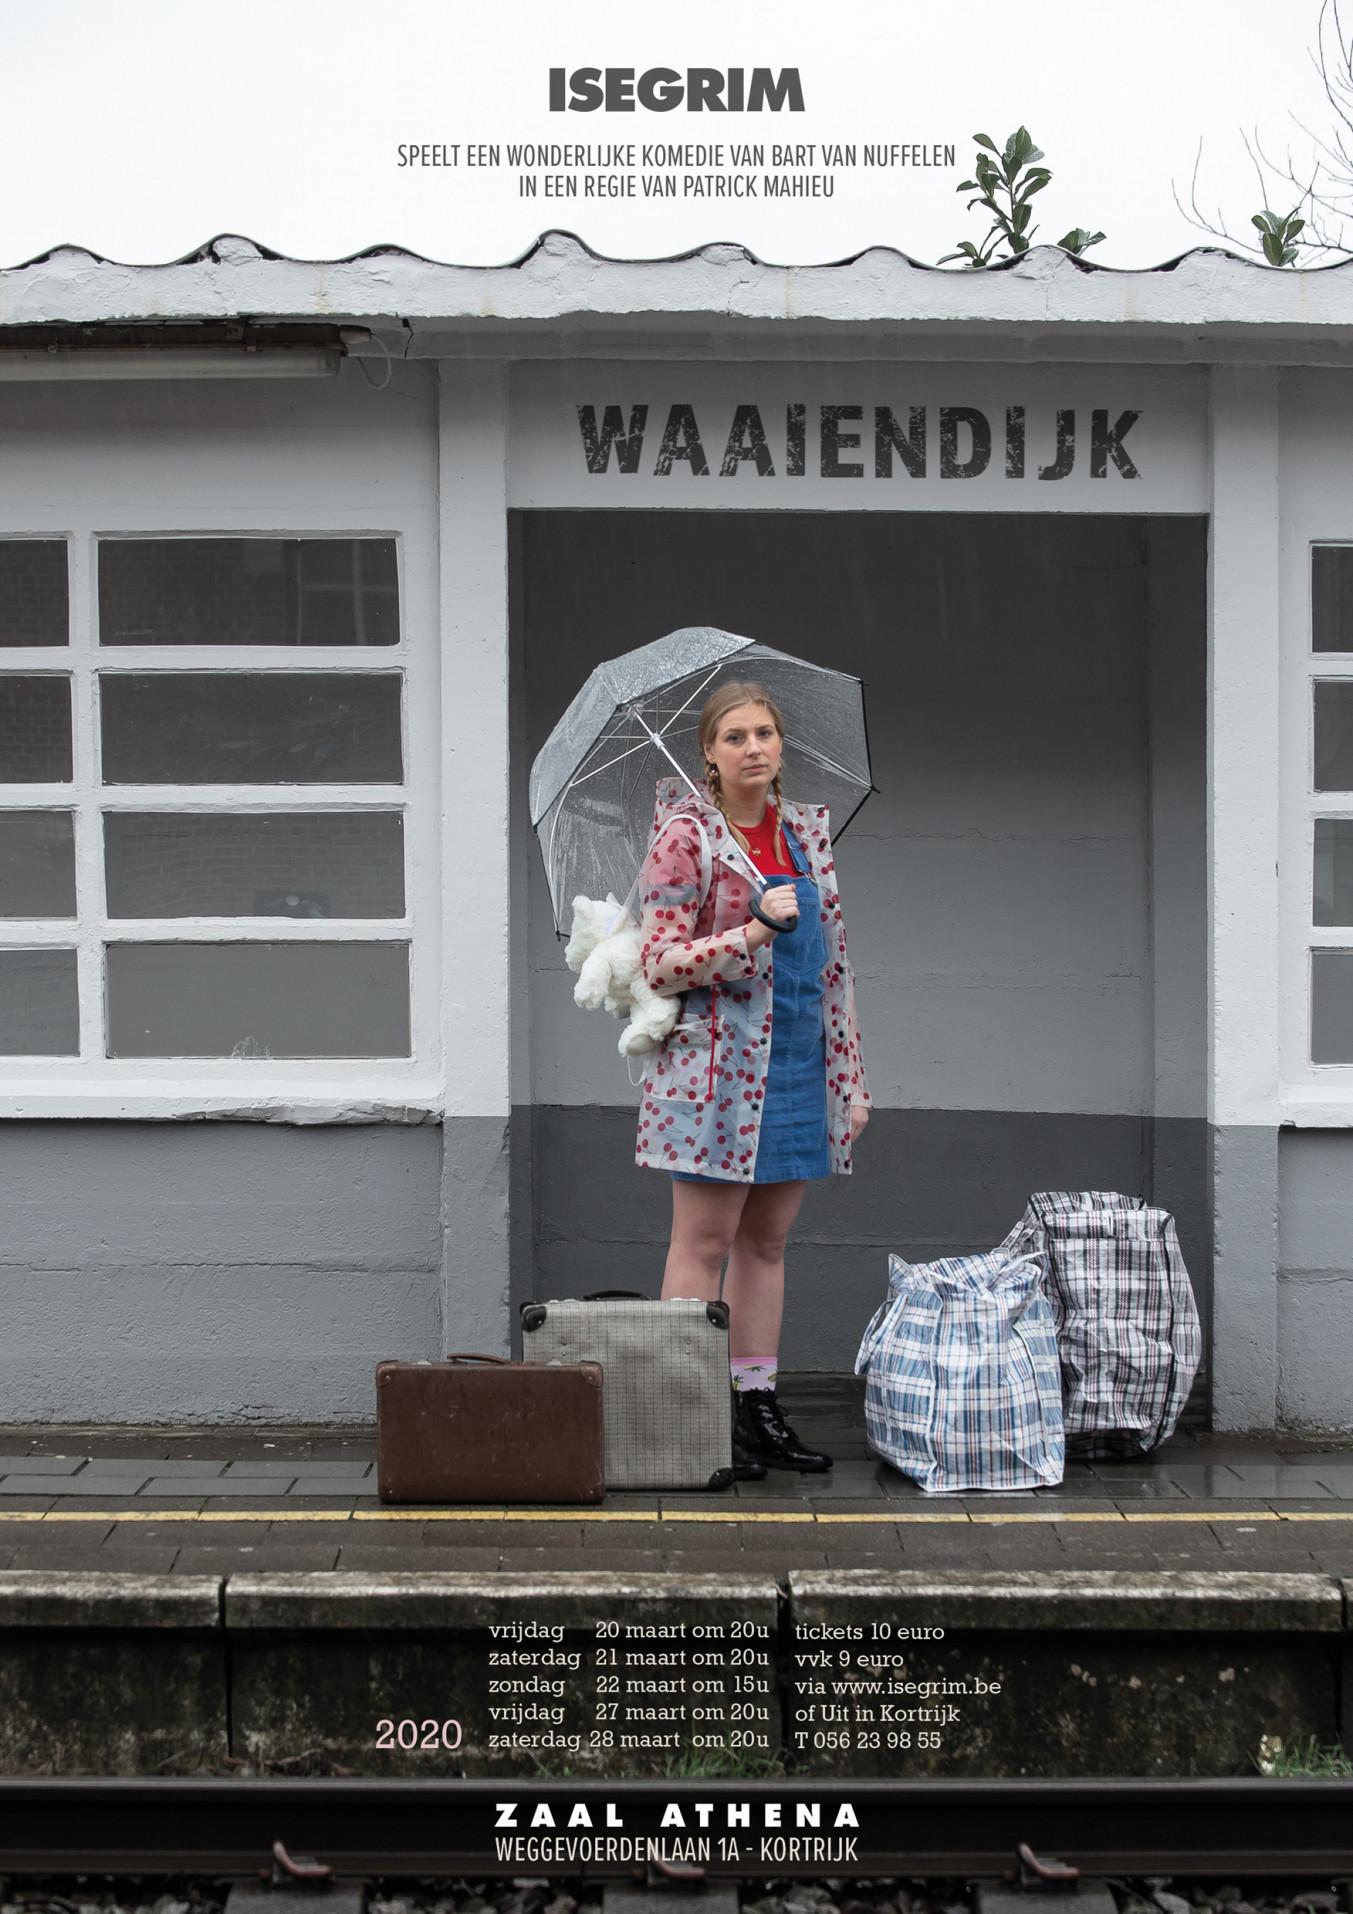 Waaiendijk-Aff.jpg